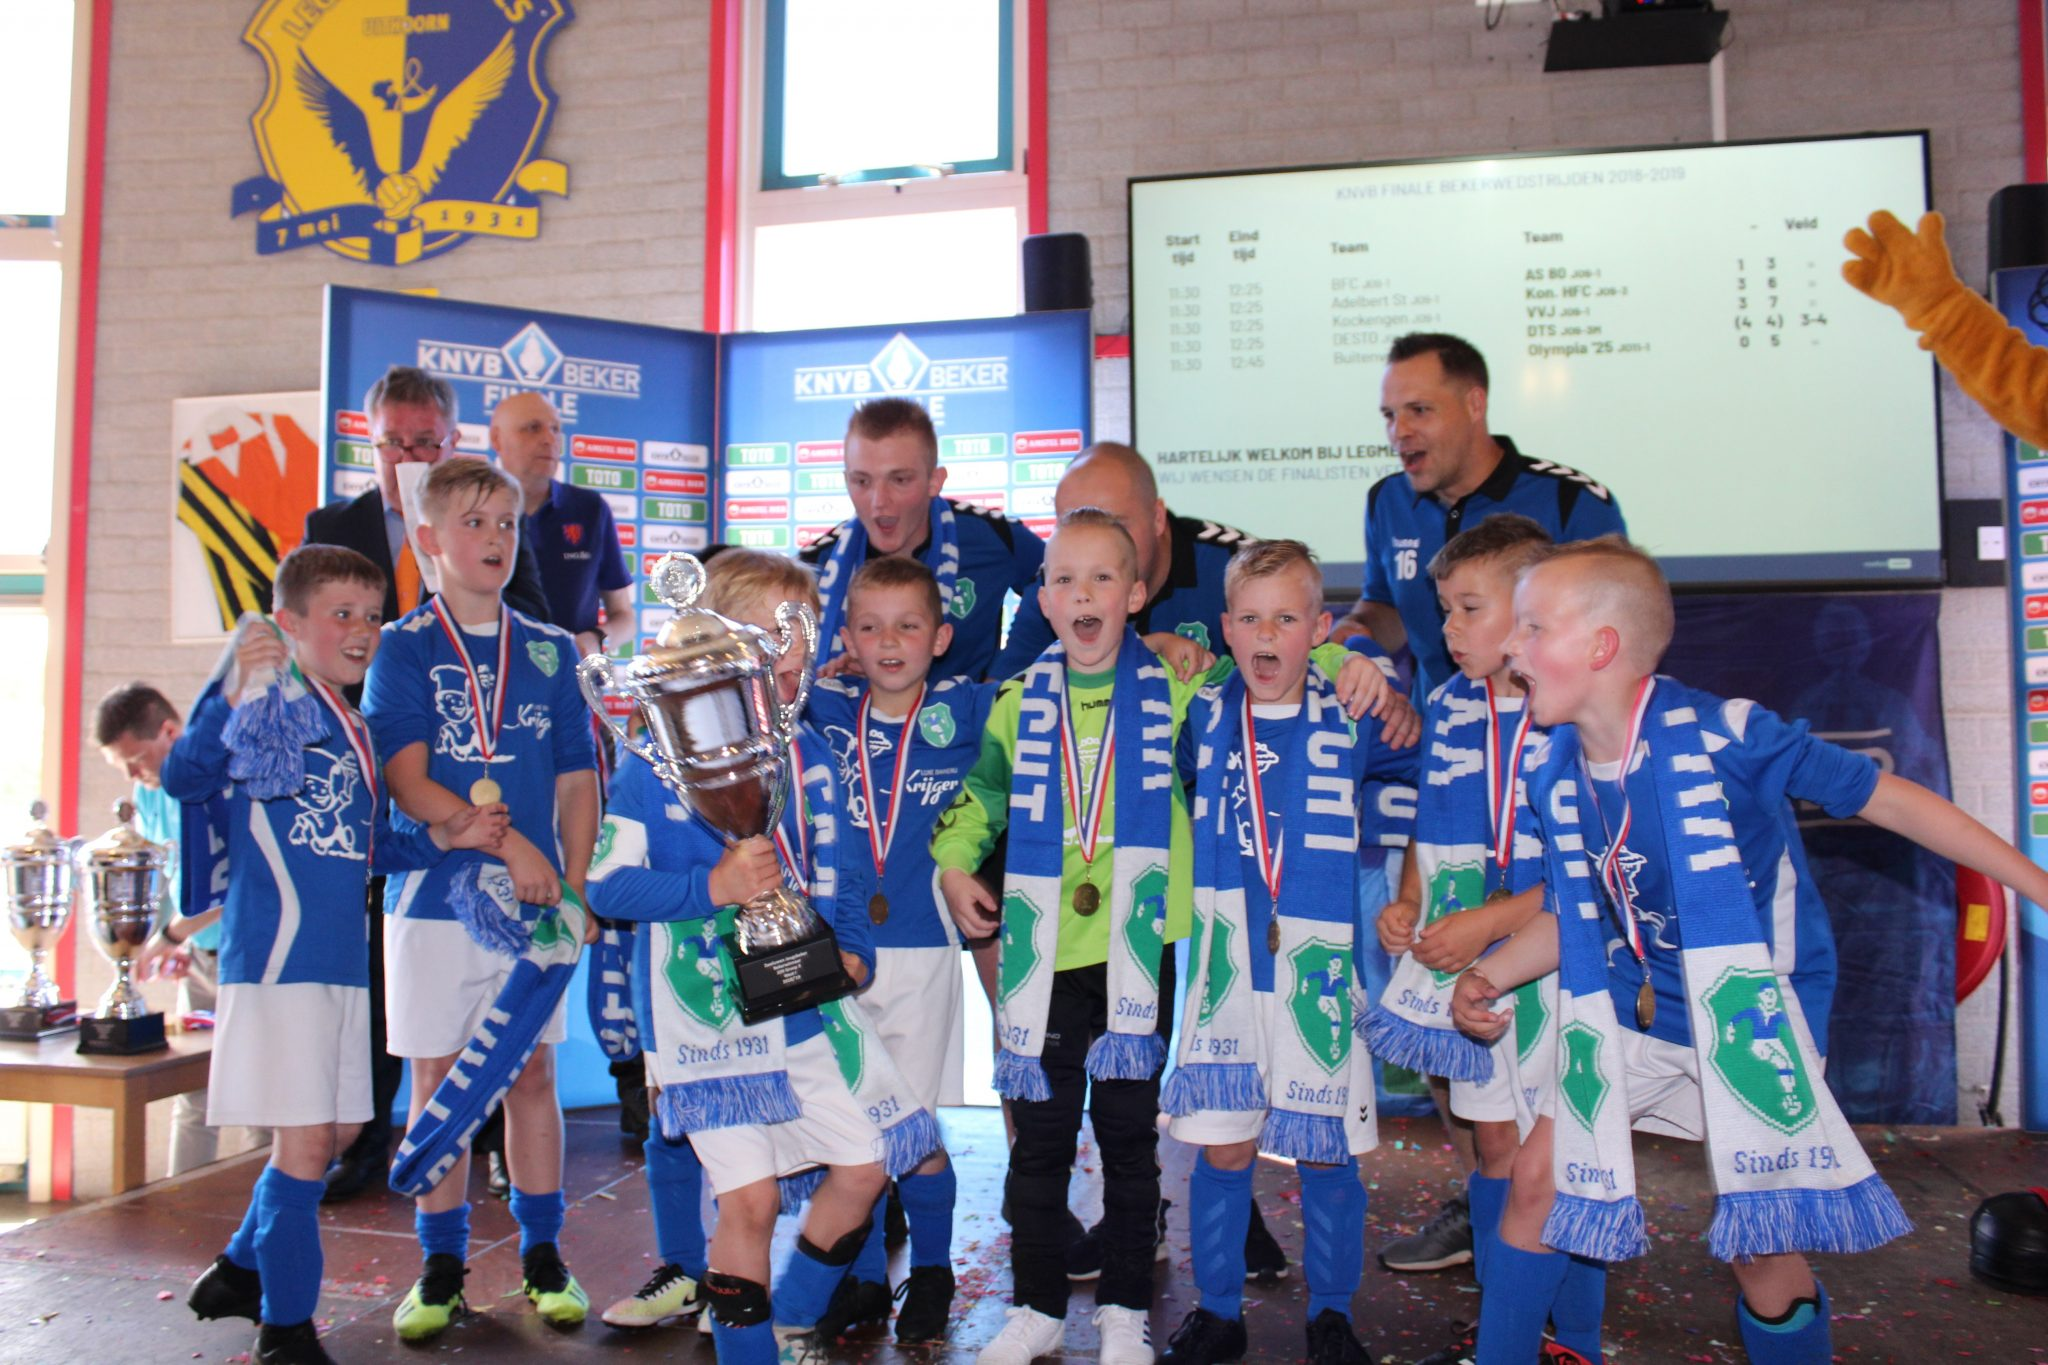 V.V.J. JO9-1 - winnaar KNVB beker 2018-2019